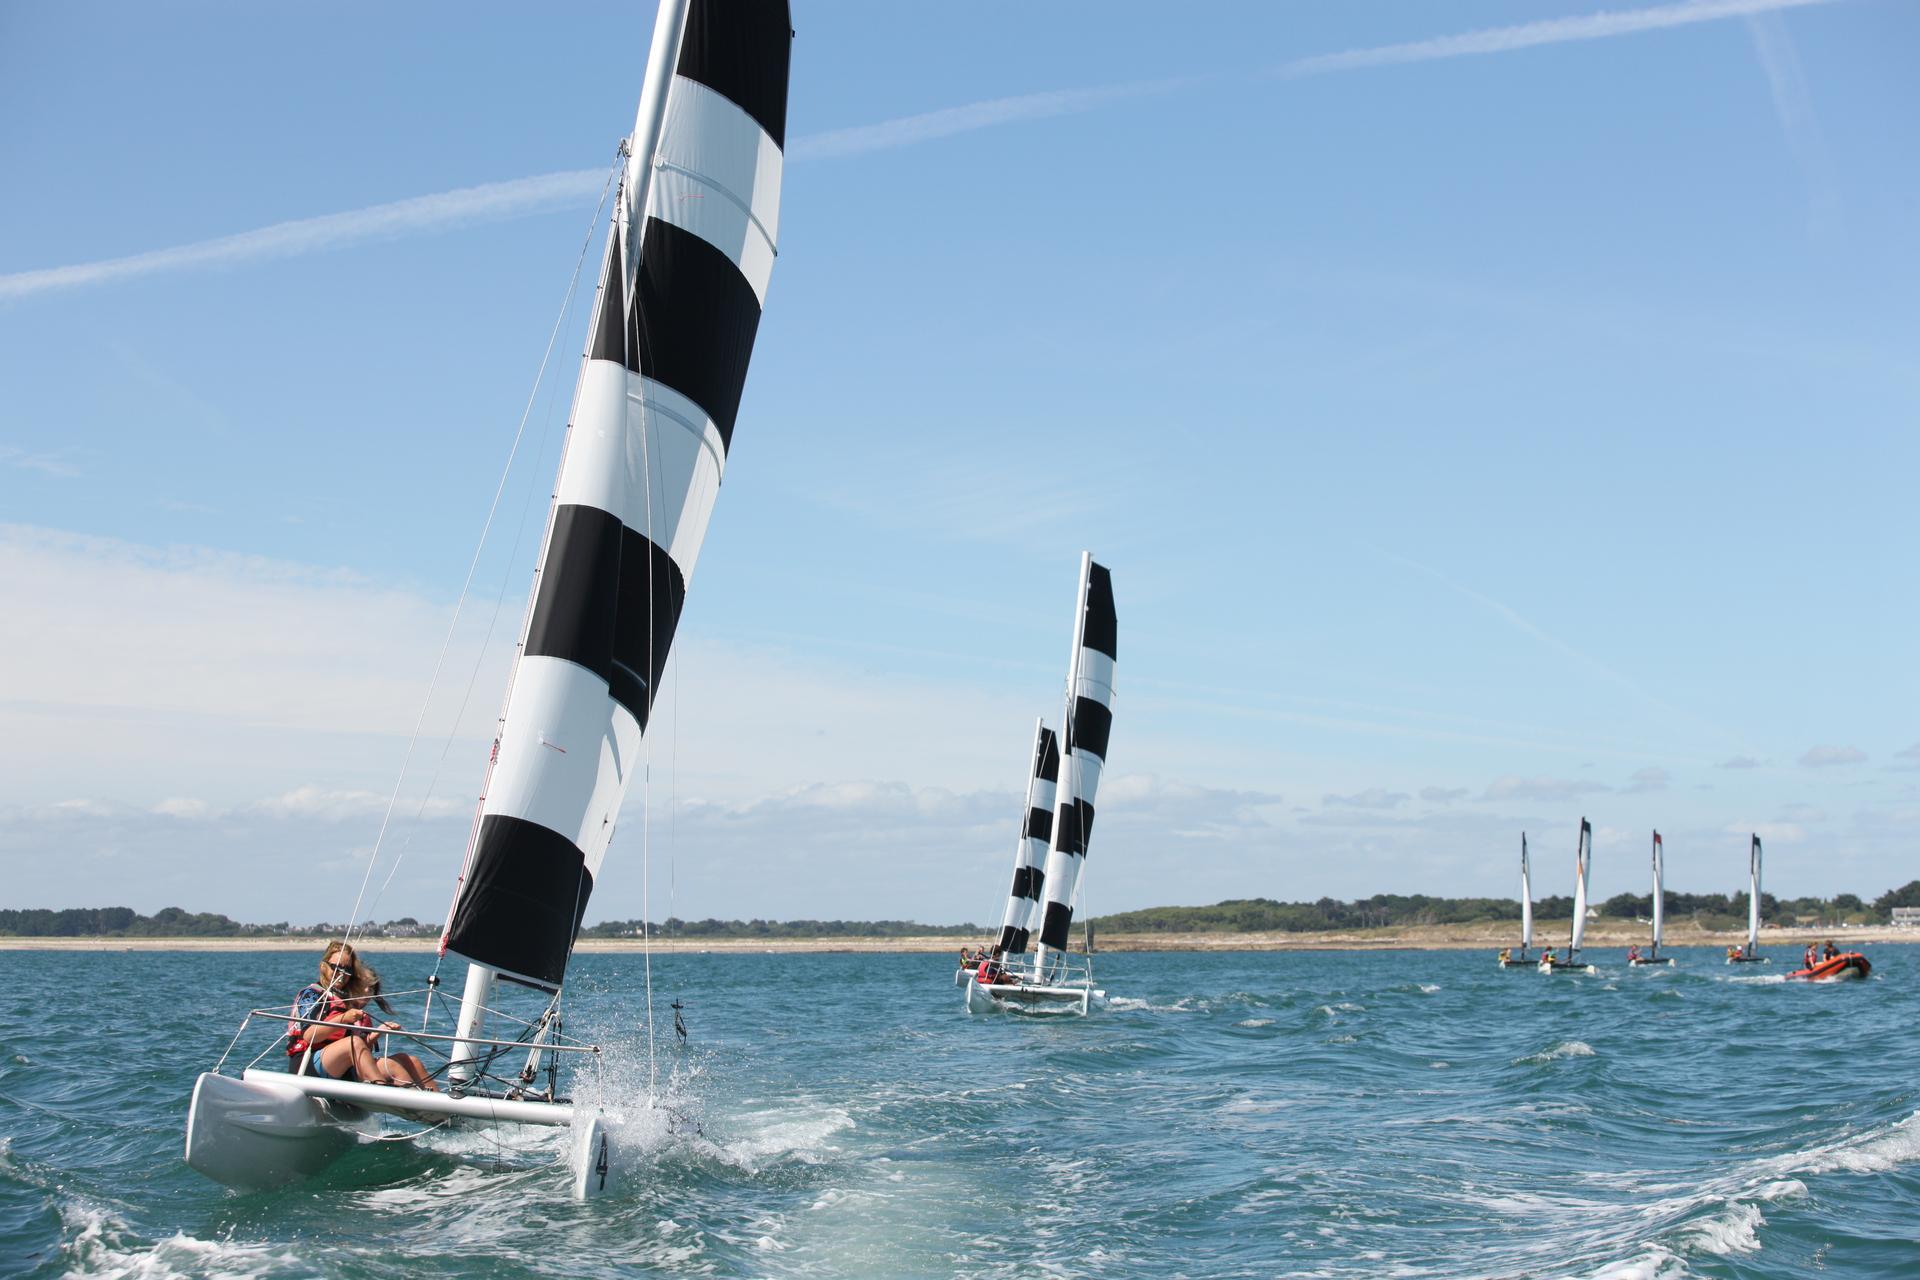 Idée cadeau : stage de catamaran Dart 16 au Club Nautique du Rohu